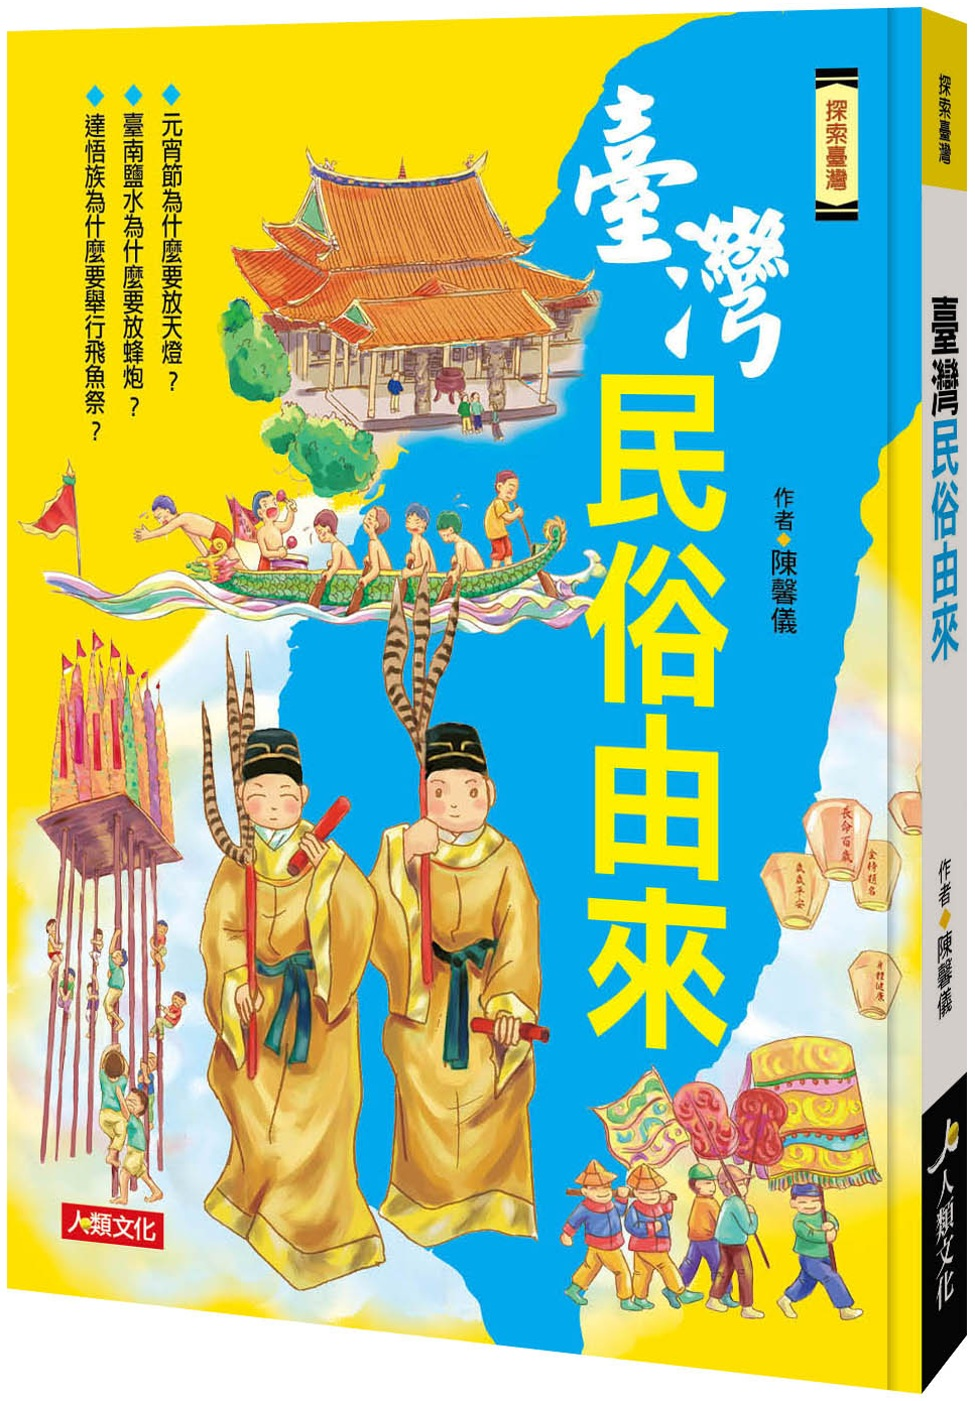 探索臺灣:臺灣民俗由來